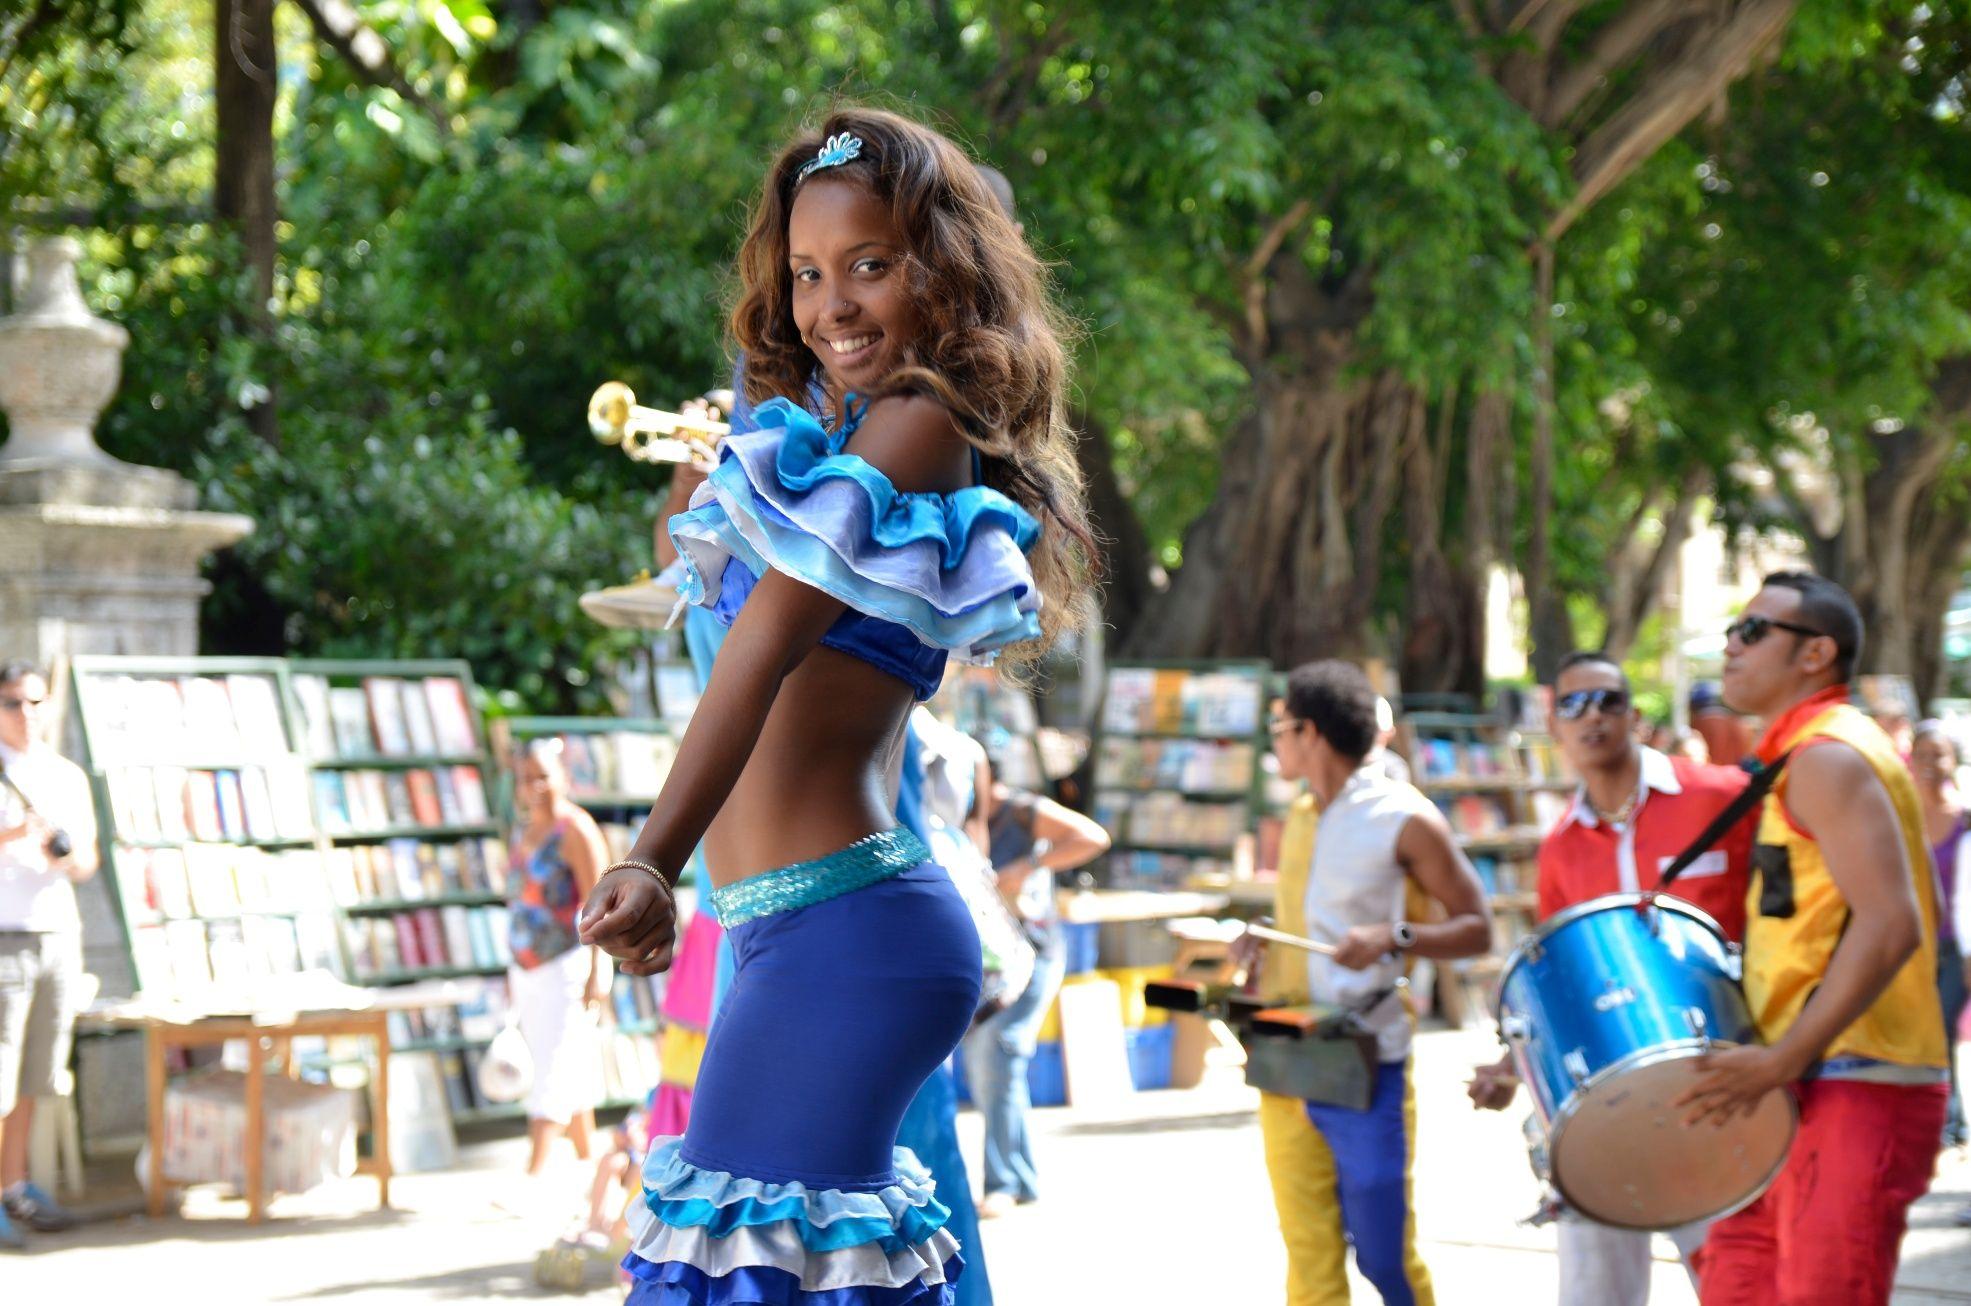 веб камеры кубинских женщин кого есть